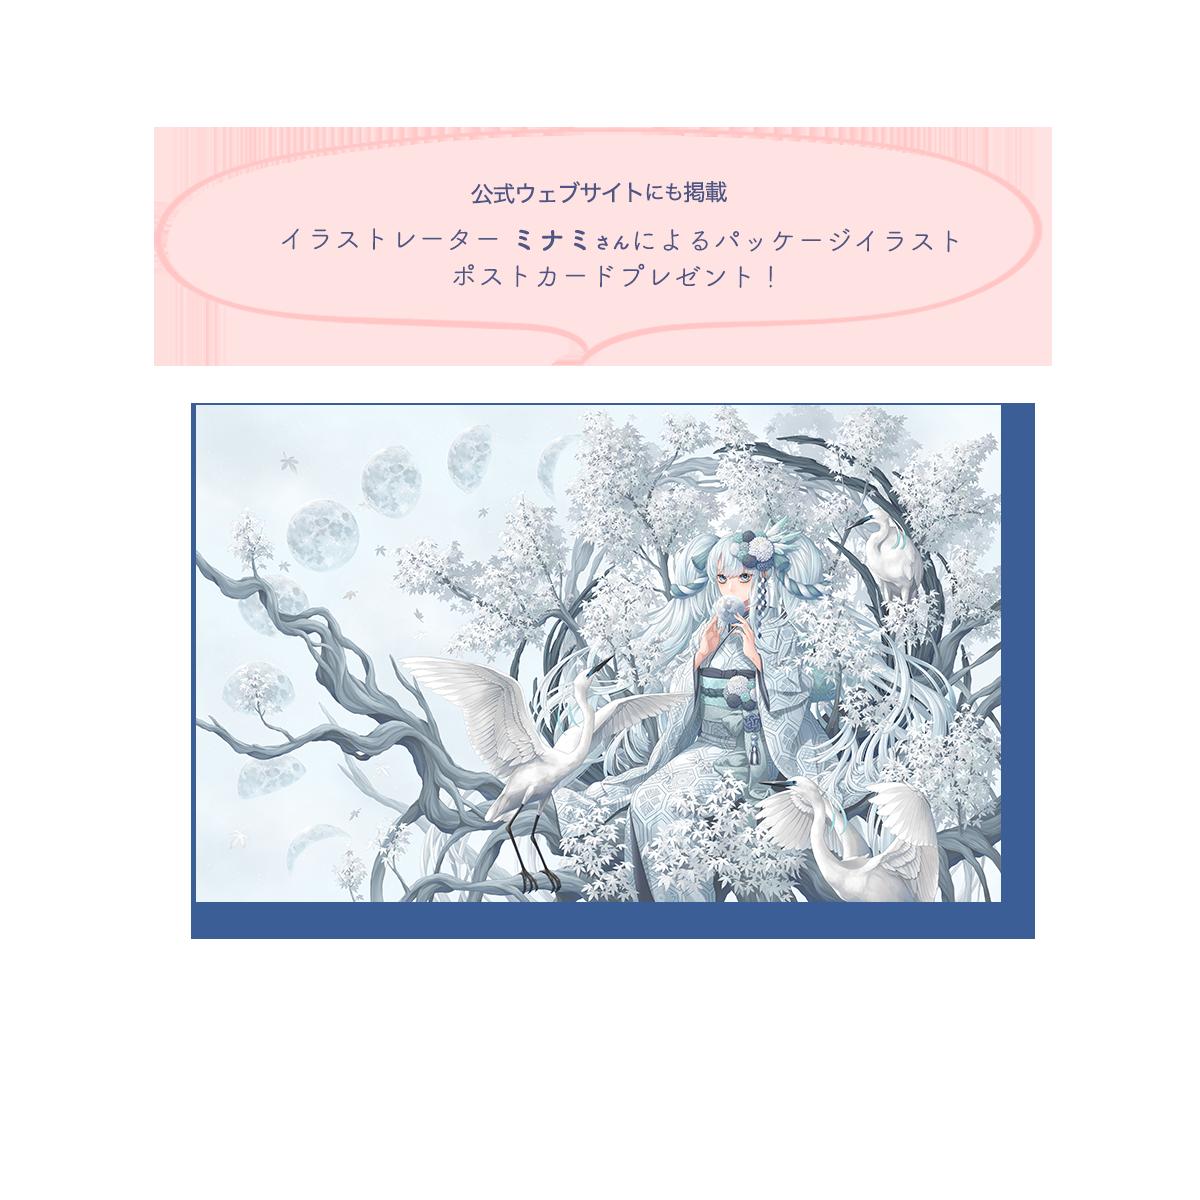 ペンタブレット - ペンタブ - wacom - イラスト - 漫画 - コミック